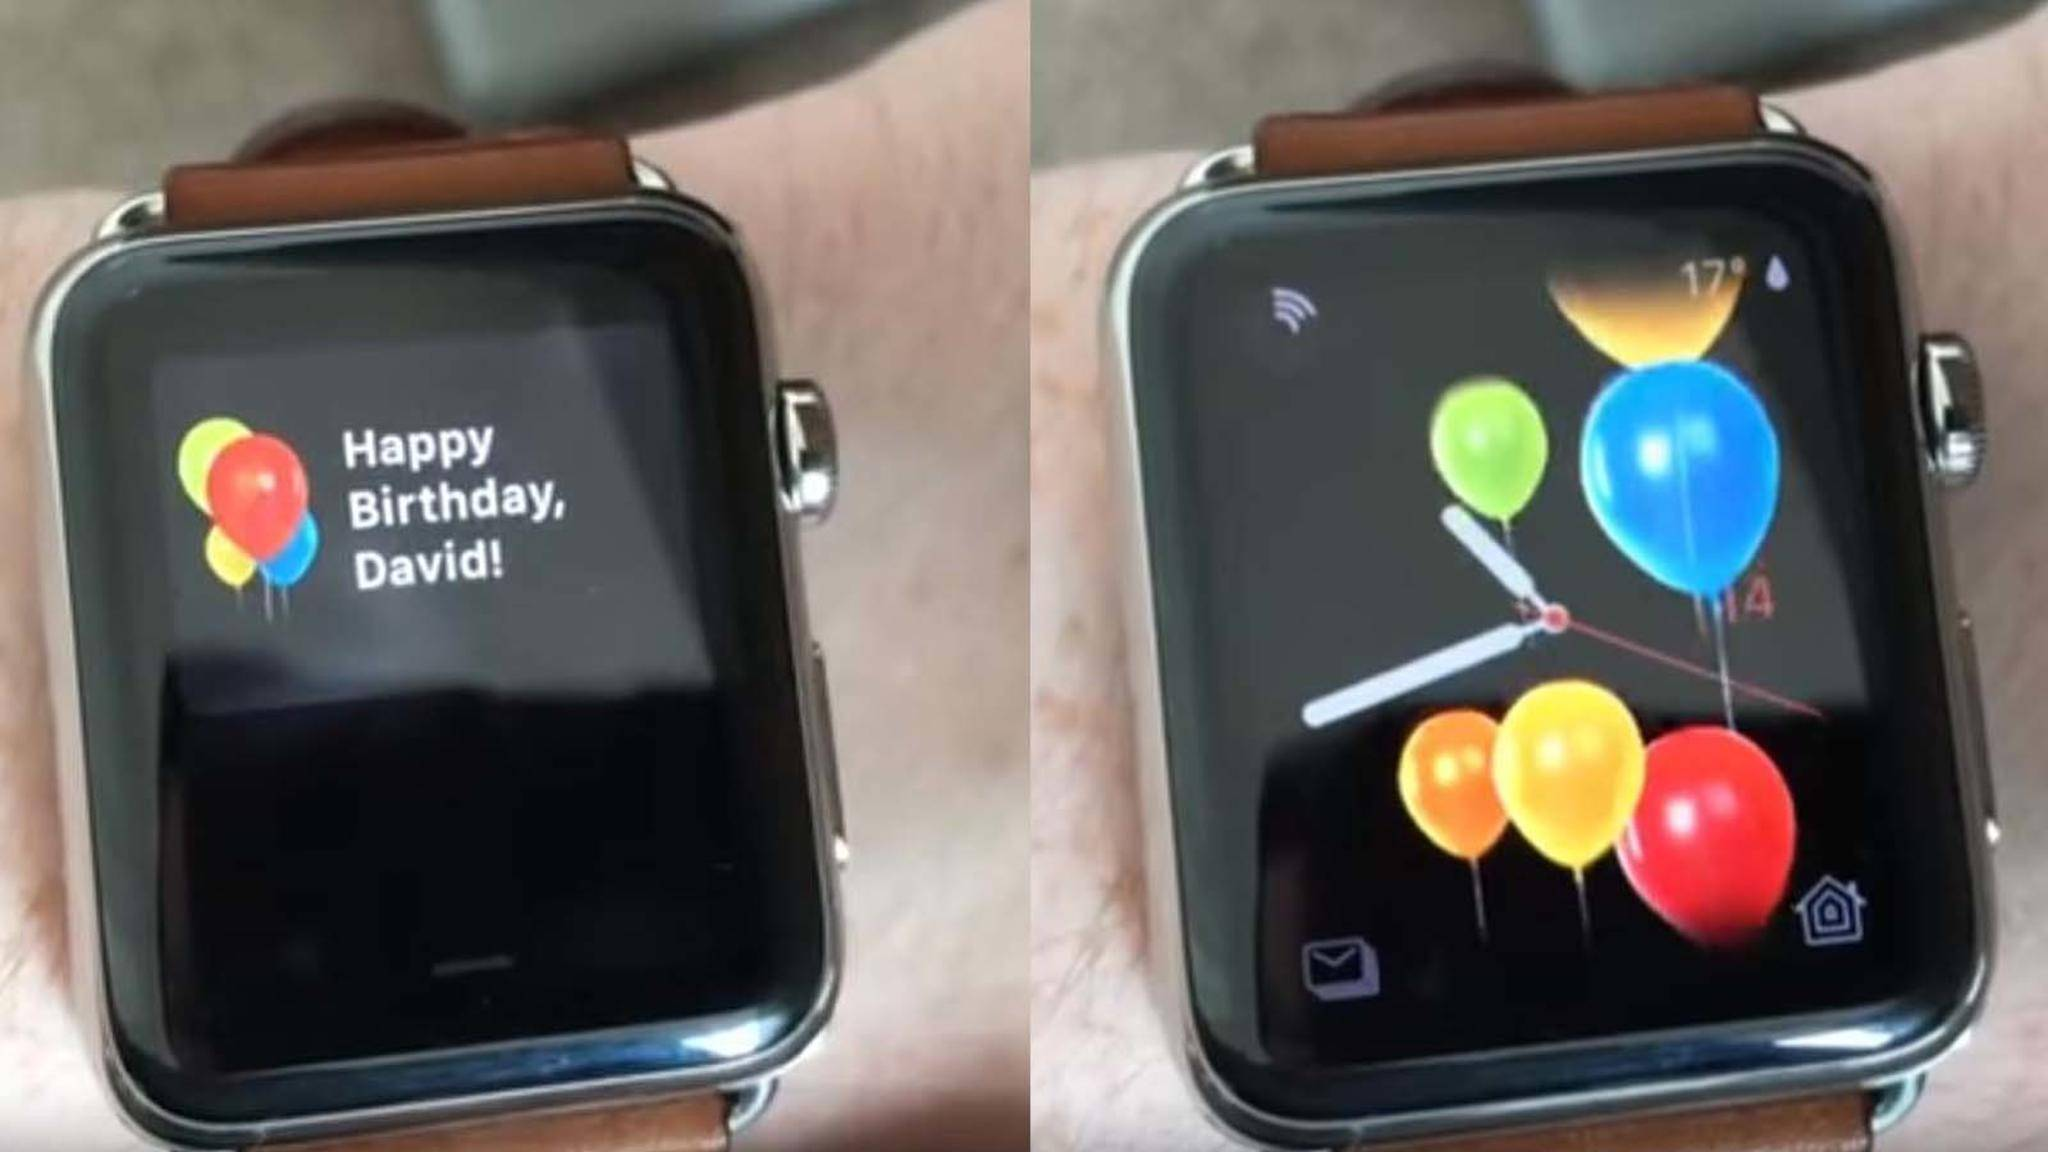 So nett gratuliert die Apple Watch in watchOS 4 ihren Nutzern zum Geburtstag.